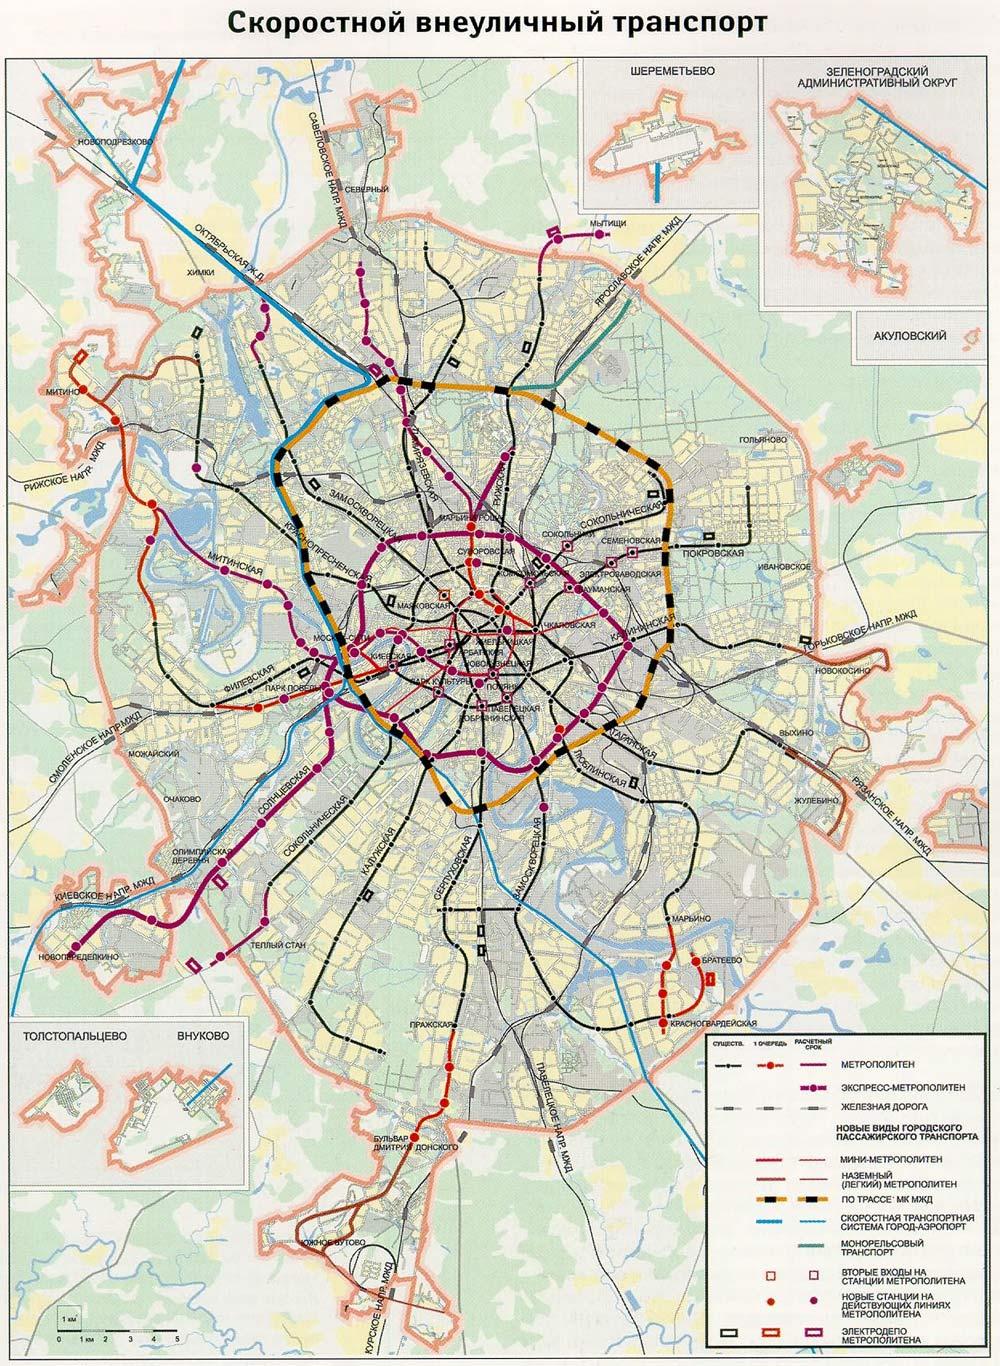 схема строительства легкого метро в москве